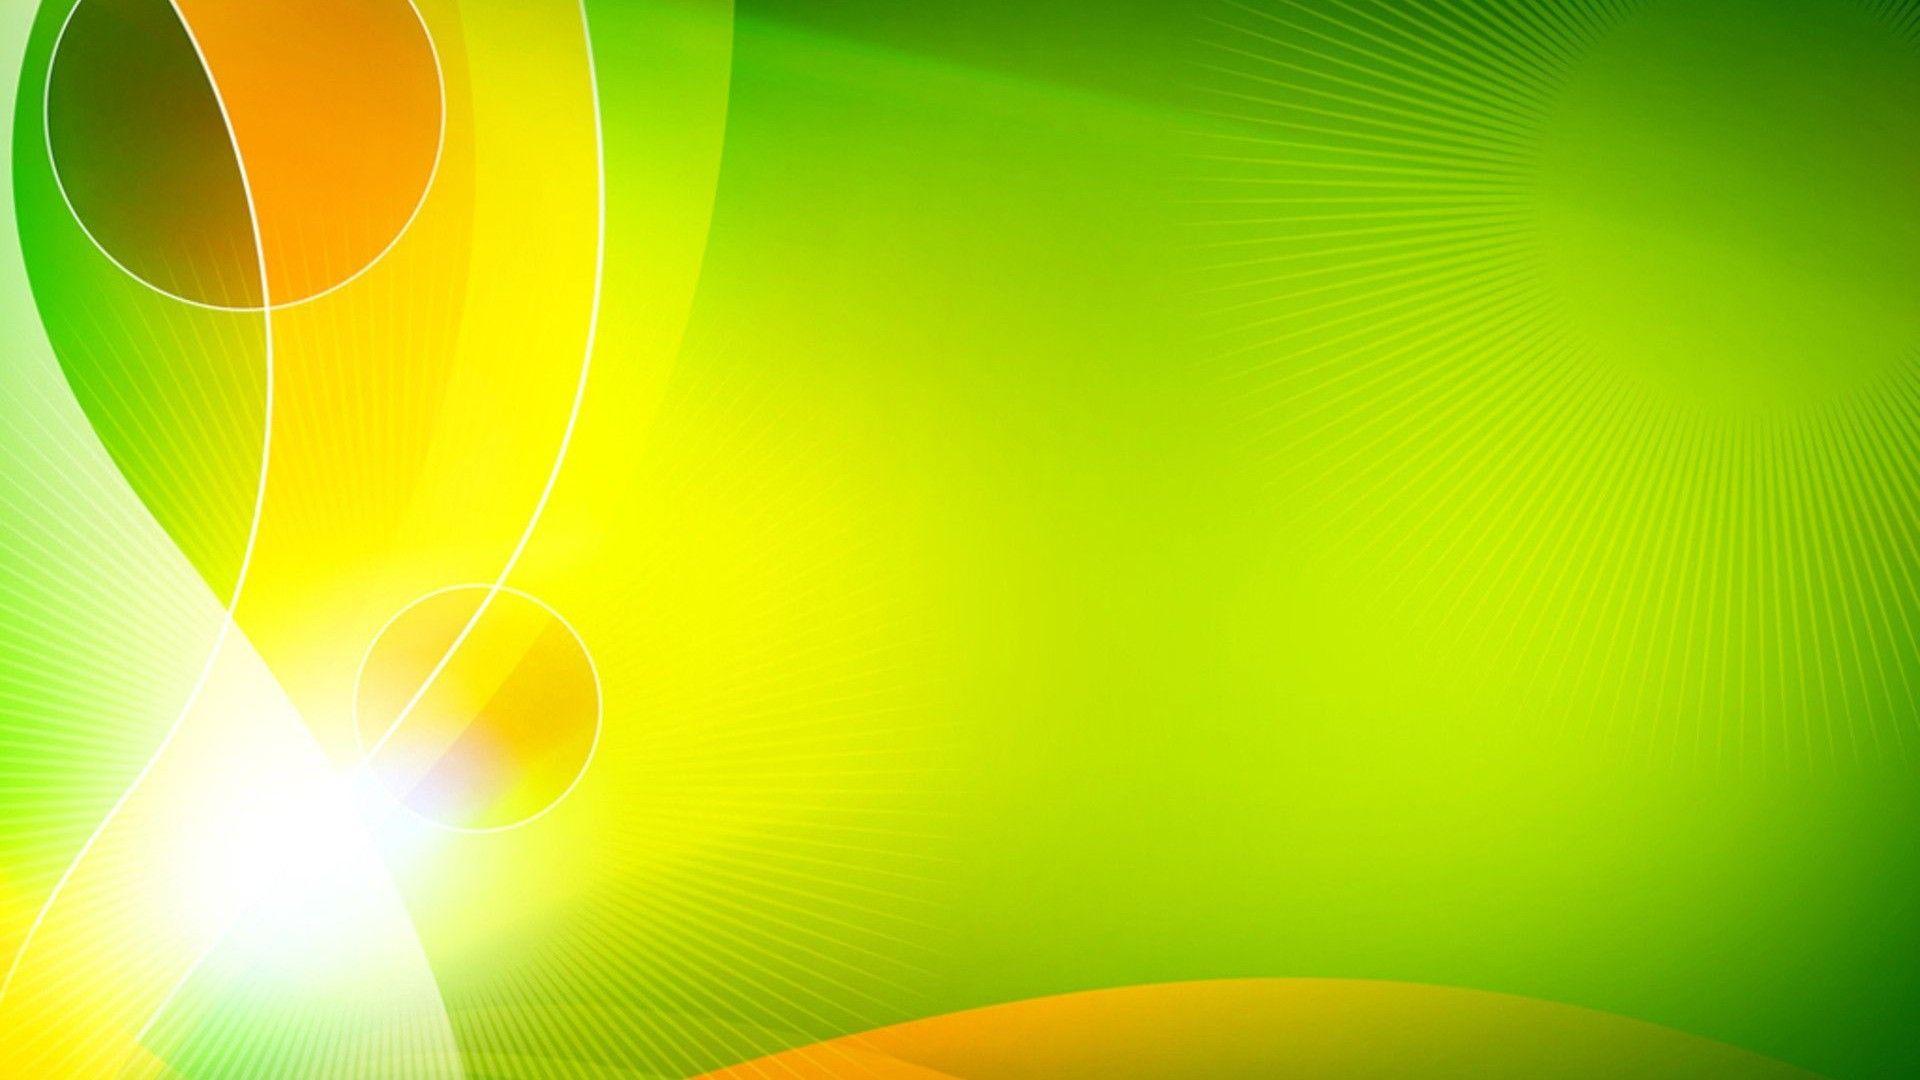 Wallpaper Lime Green Desktop Best Wallpaper HD